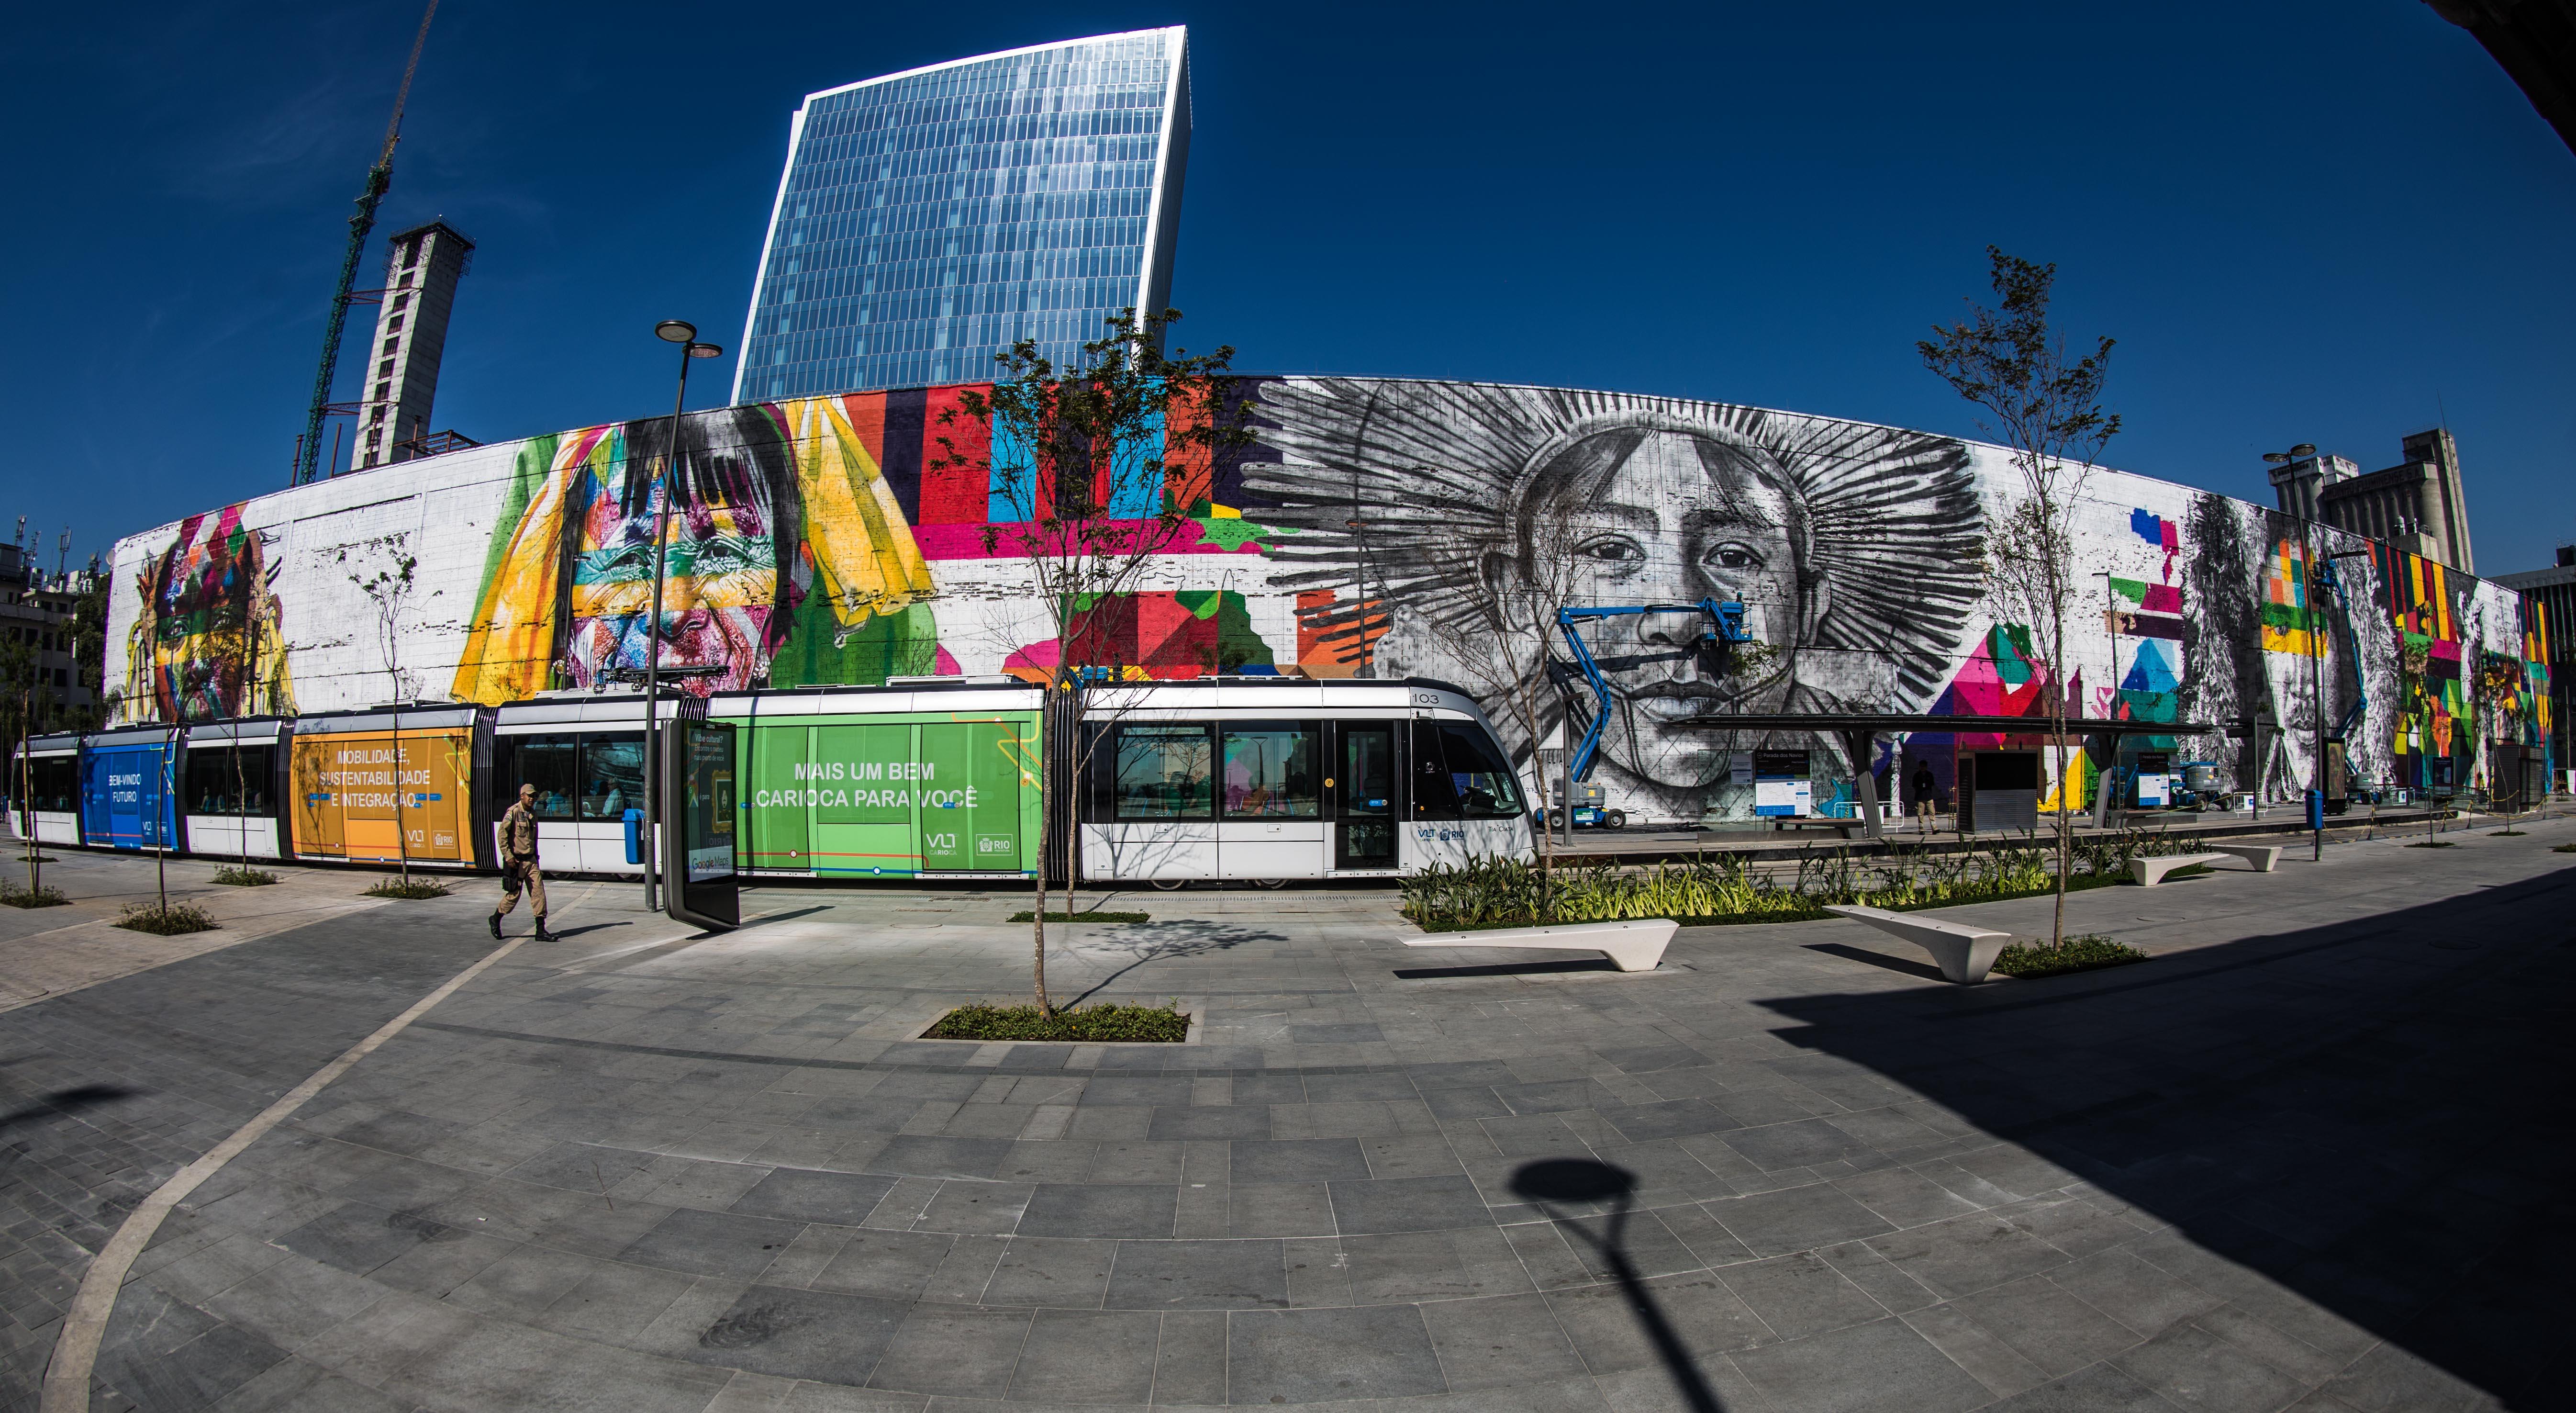 mural eduardo kobra rio de janeiro las etnias olimpiadas 2016 maior graffiti do mundo (8)